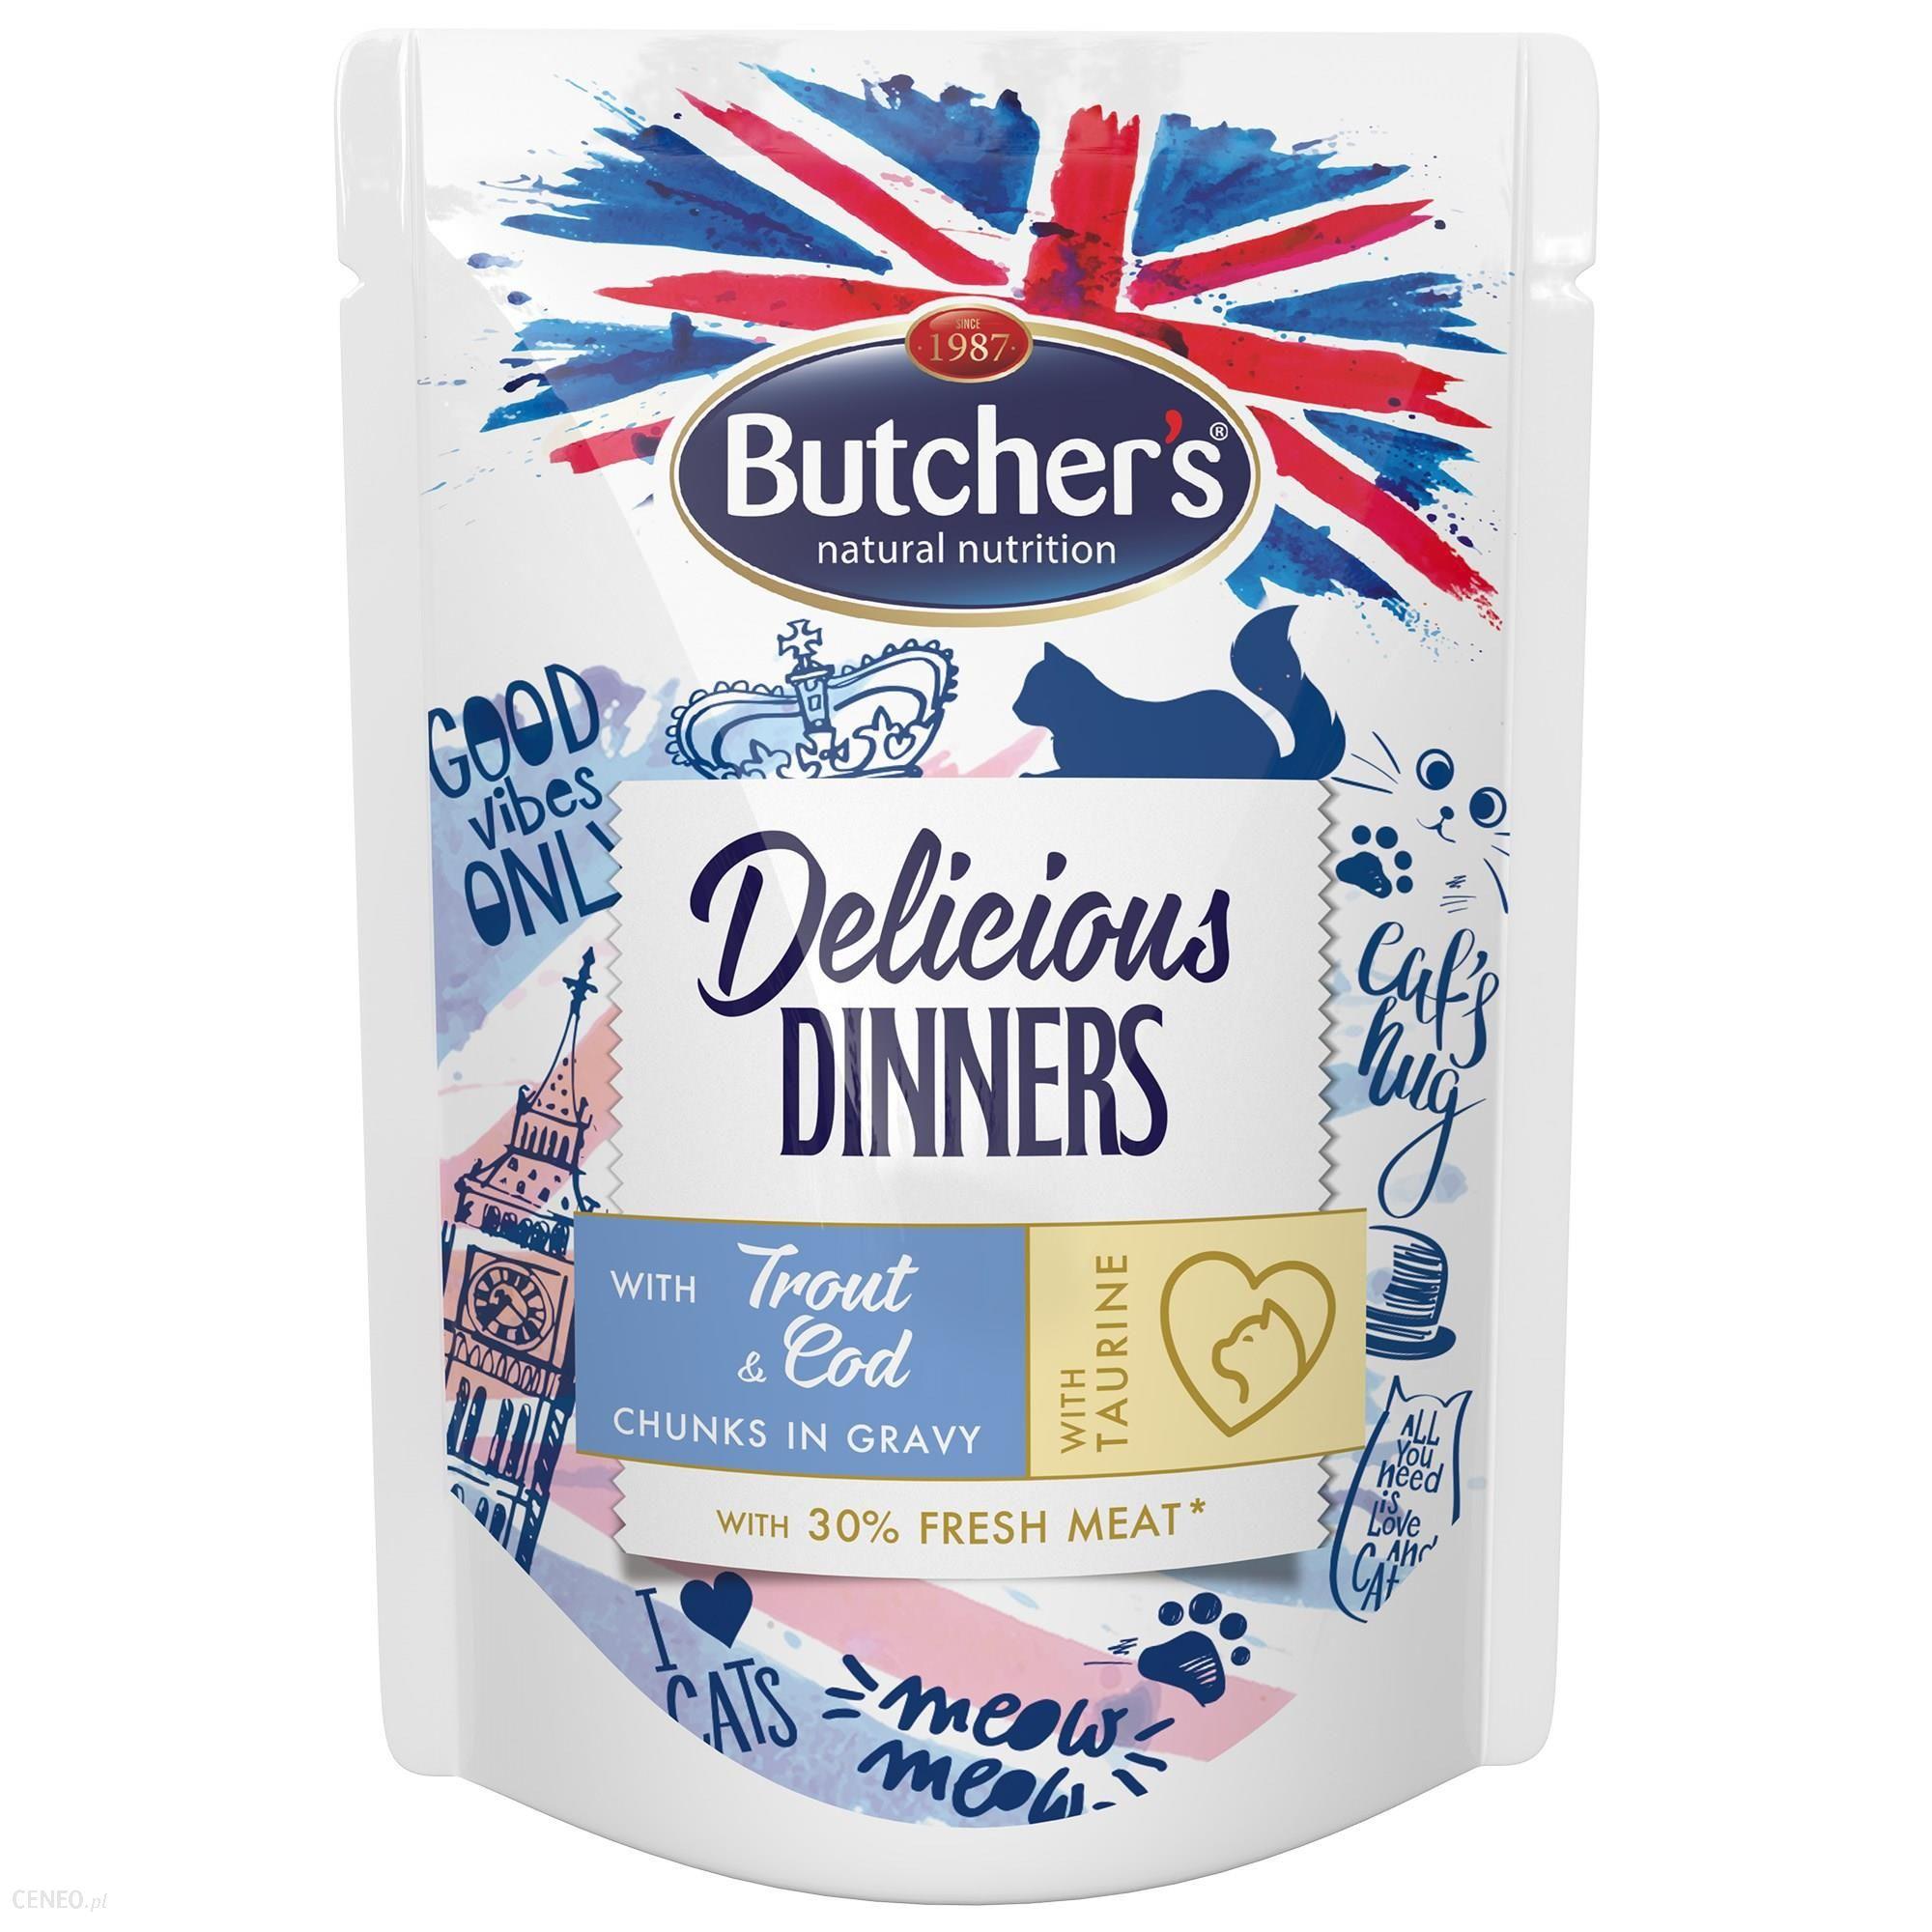 Butcher's Delicious Dinners Cat z pstrągiem i dorszem kawałki w sosie 6x100g